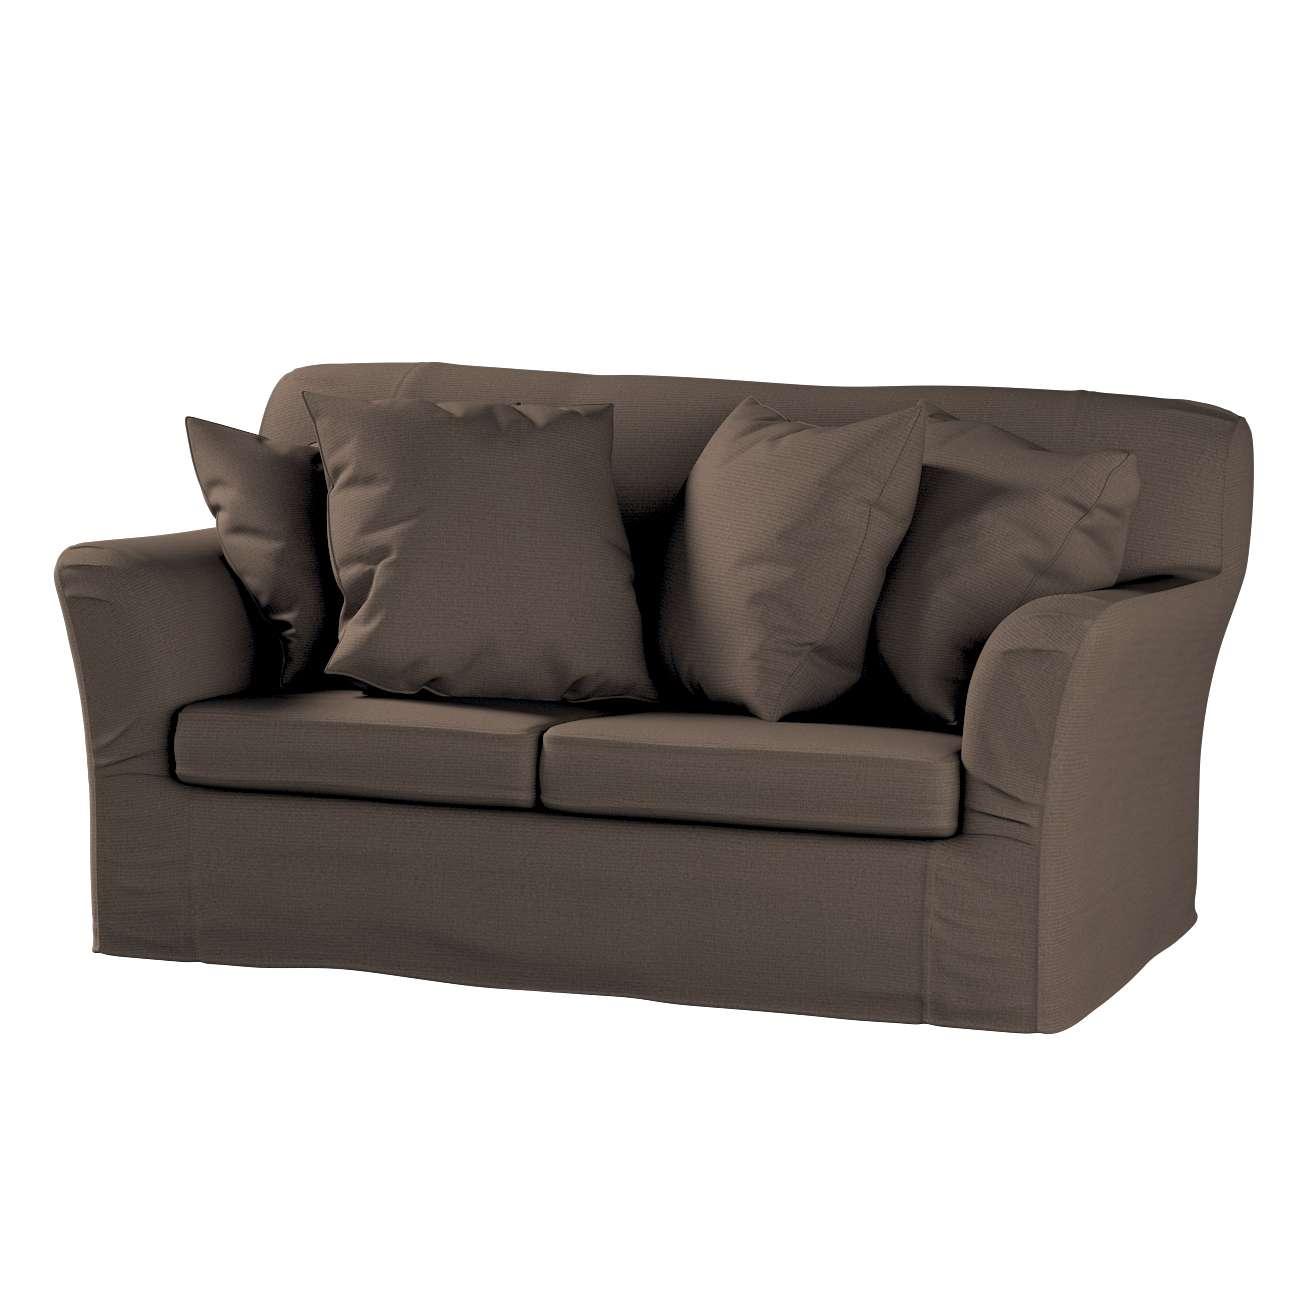 Tomelilla 2-Sitzer Sofabezug nicht ausklappbar Sofahusse, Tomelilla 2-Sitzer von der Kollektion Etna, Stoff: 705-08